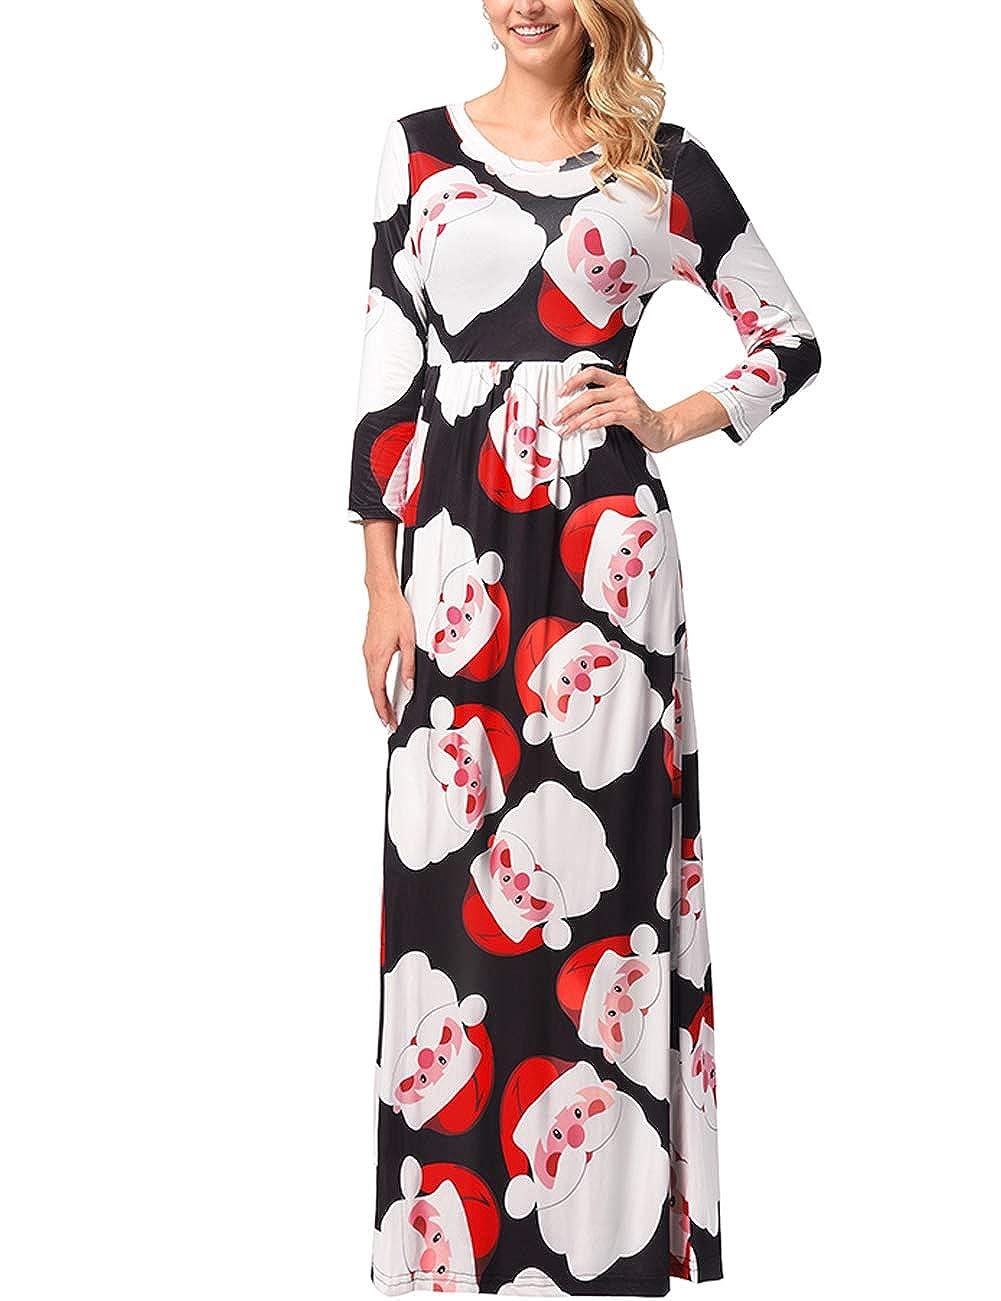 TALLA 3XL=ES 50-52. FeelinGirl Mujeres Vestido Largo Estampado Floral de Fiesta Navidad Falda Maxi de Manga Larga Nochebuena Multicolor-01 3XL=ES 50-52